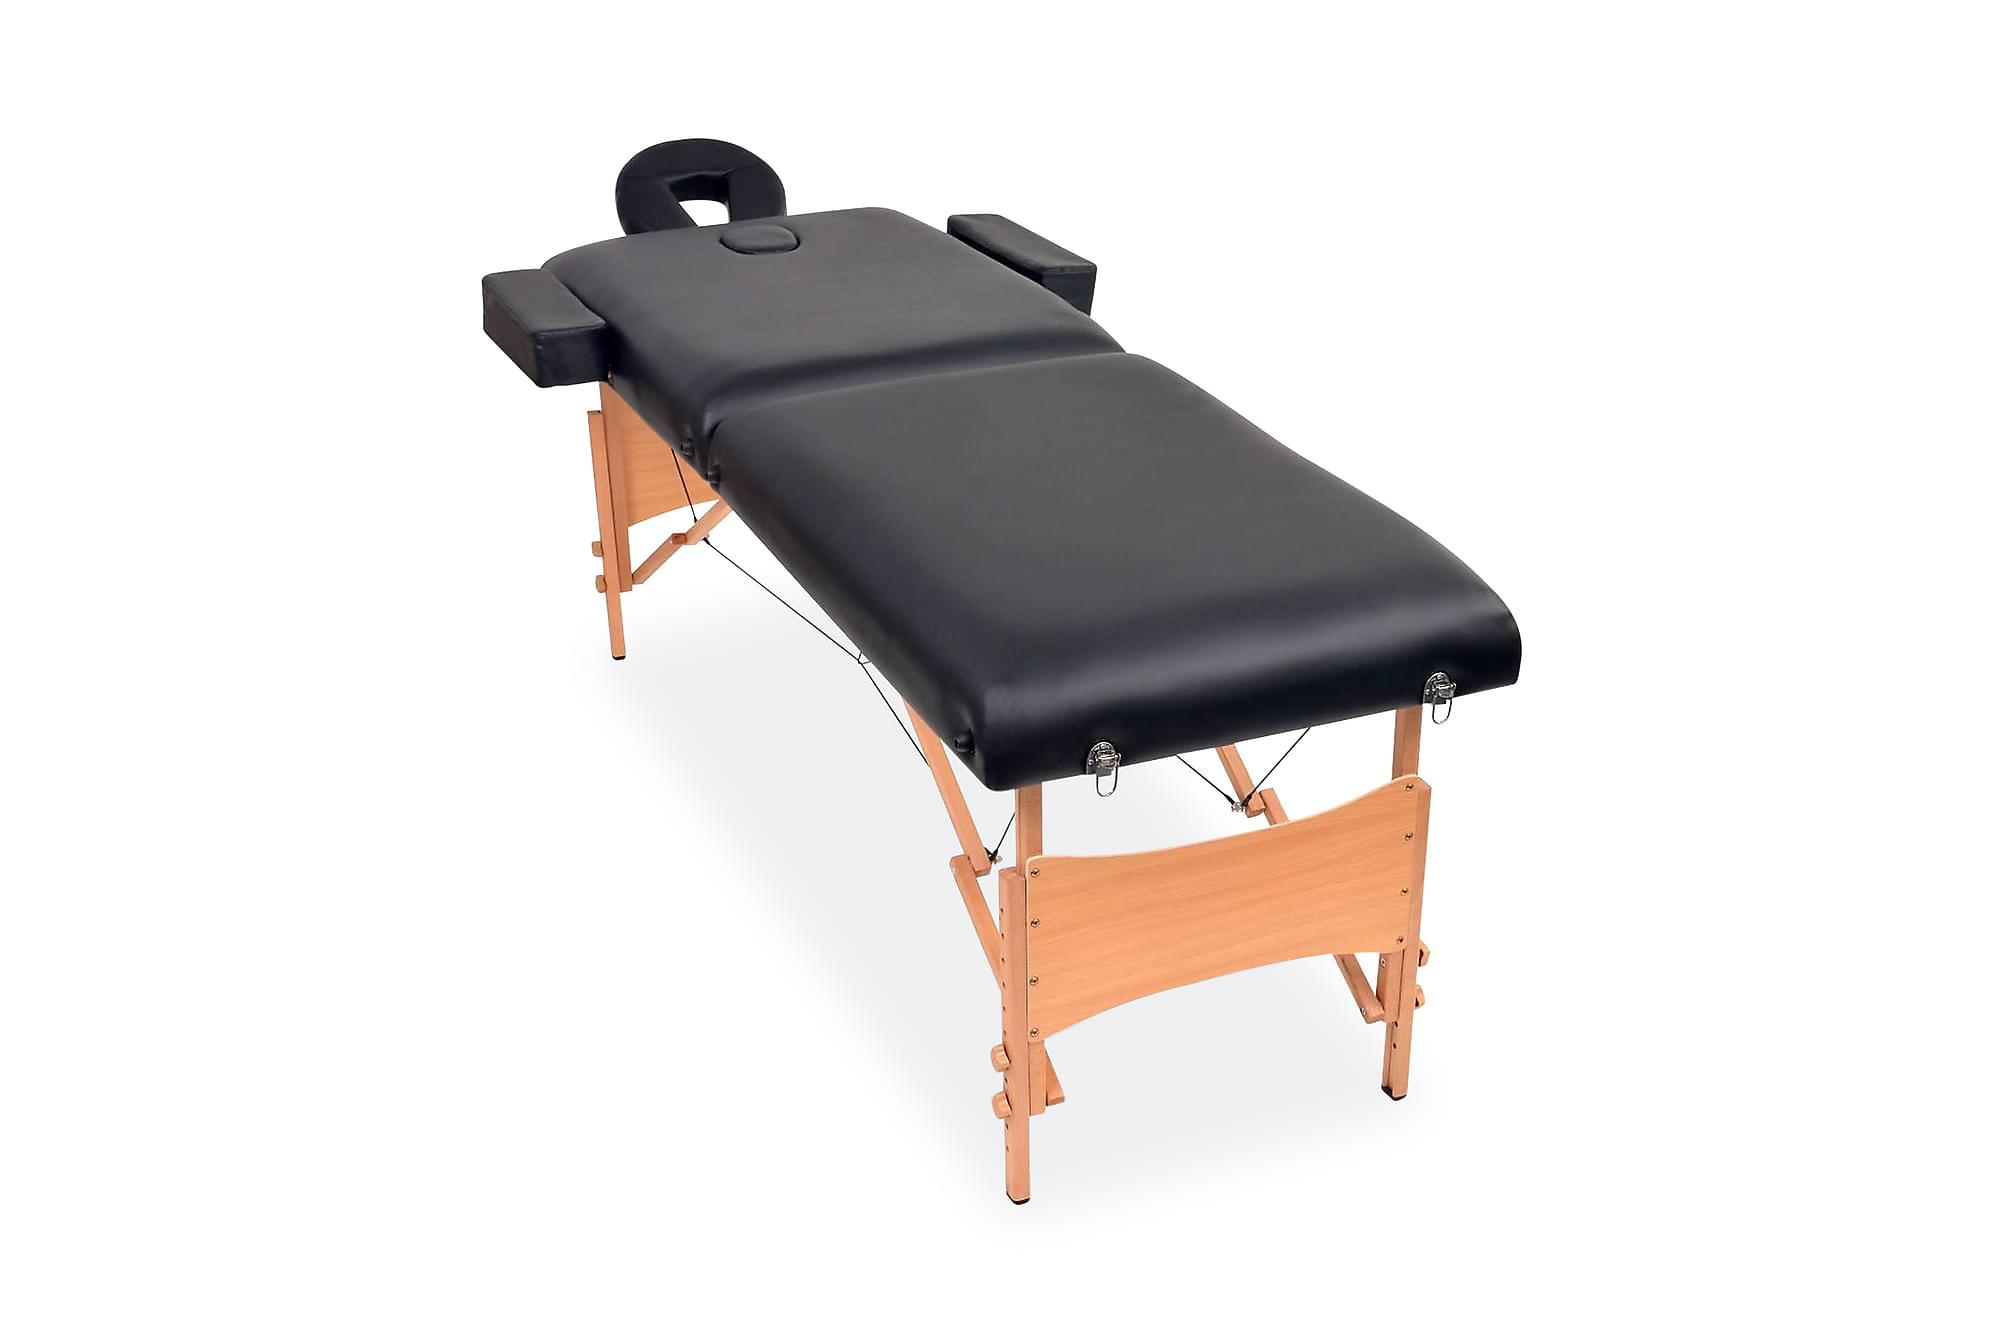 Hopfällbar massagebänk 2 sektioner 10 cm tjock svart, Massagebord